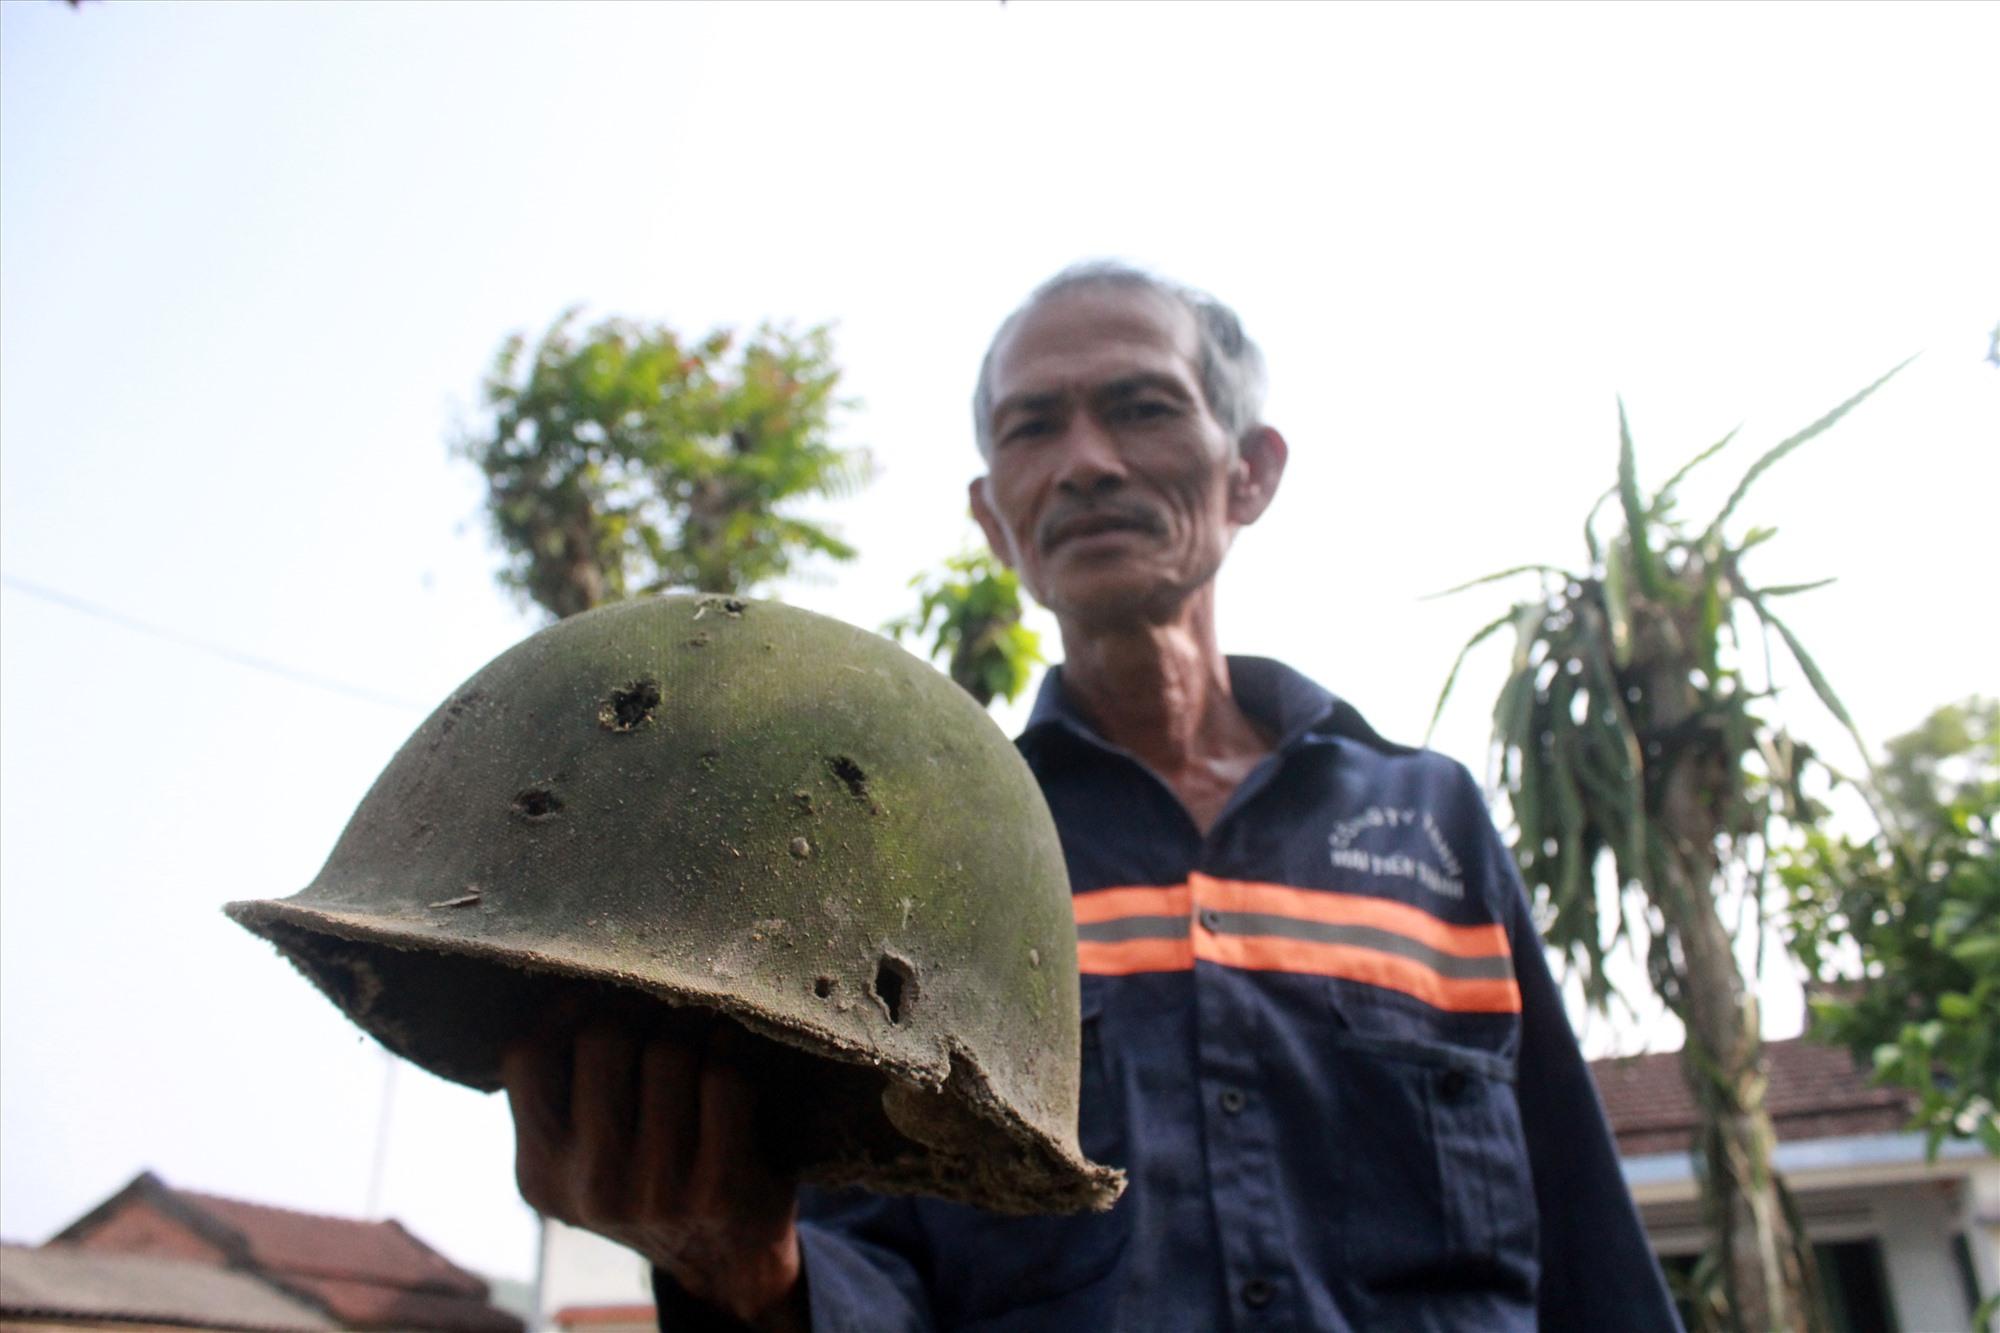 Ông Nguyễn Ngọc Thọ còn cất giữ chiếc mũ cối của địch lỗ chỗ vết đạn. Ảnh: T.C